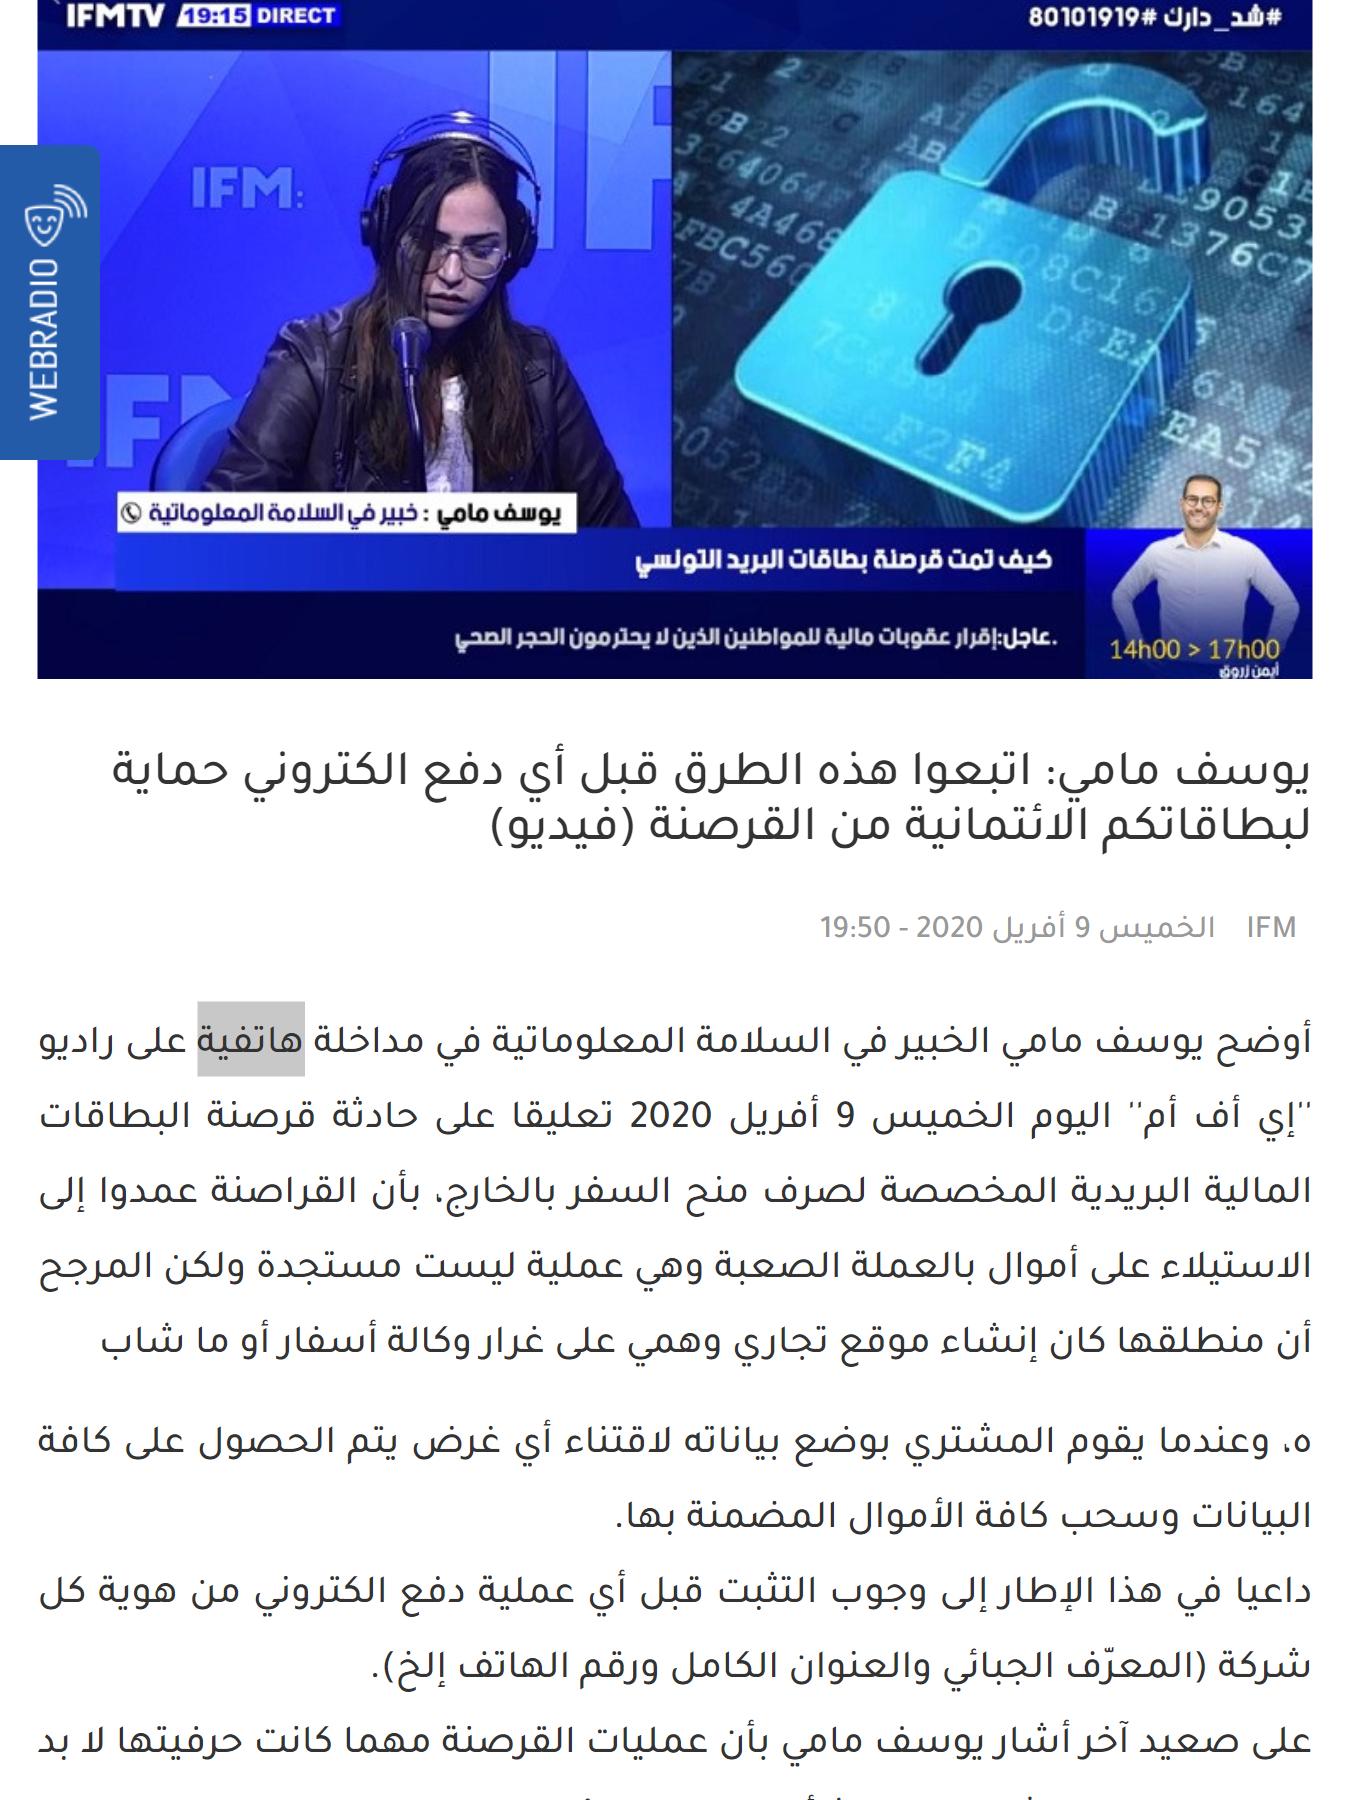 يوسف مامي: اتبعوا هذه الطرق قبل أي دفع الكتروني حماية لبطاقاتكم الائتمانية من القرصنة (فيديو)